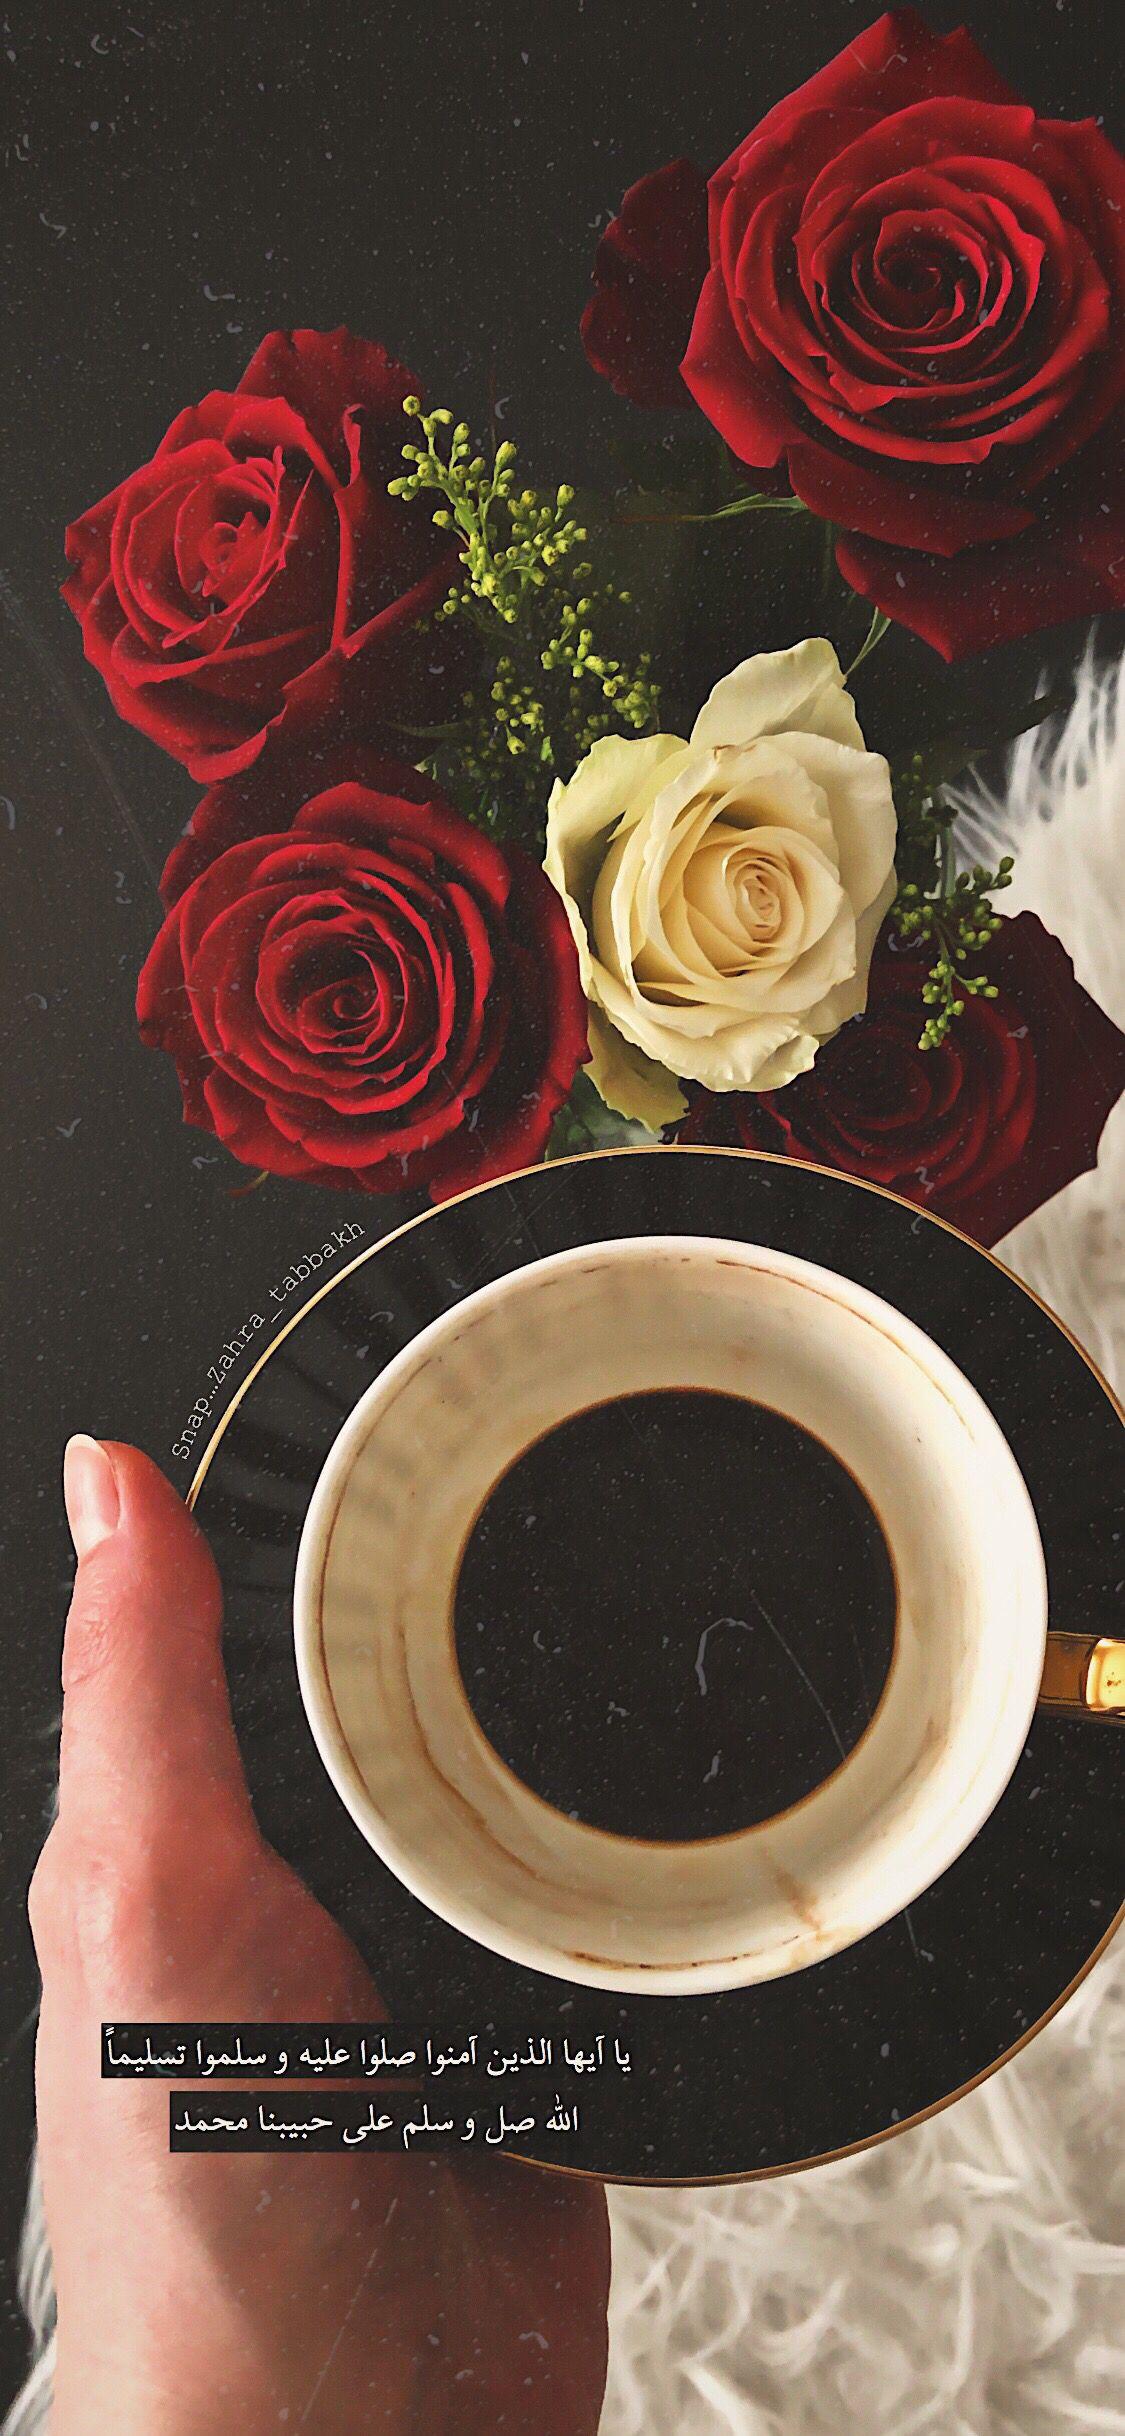 اللهم صل وسلم وبارك على حبيبنا محمد Coffee Coffee Tea Tea